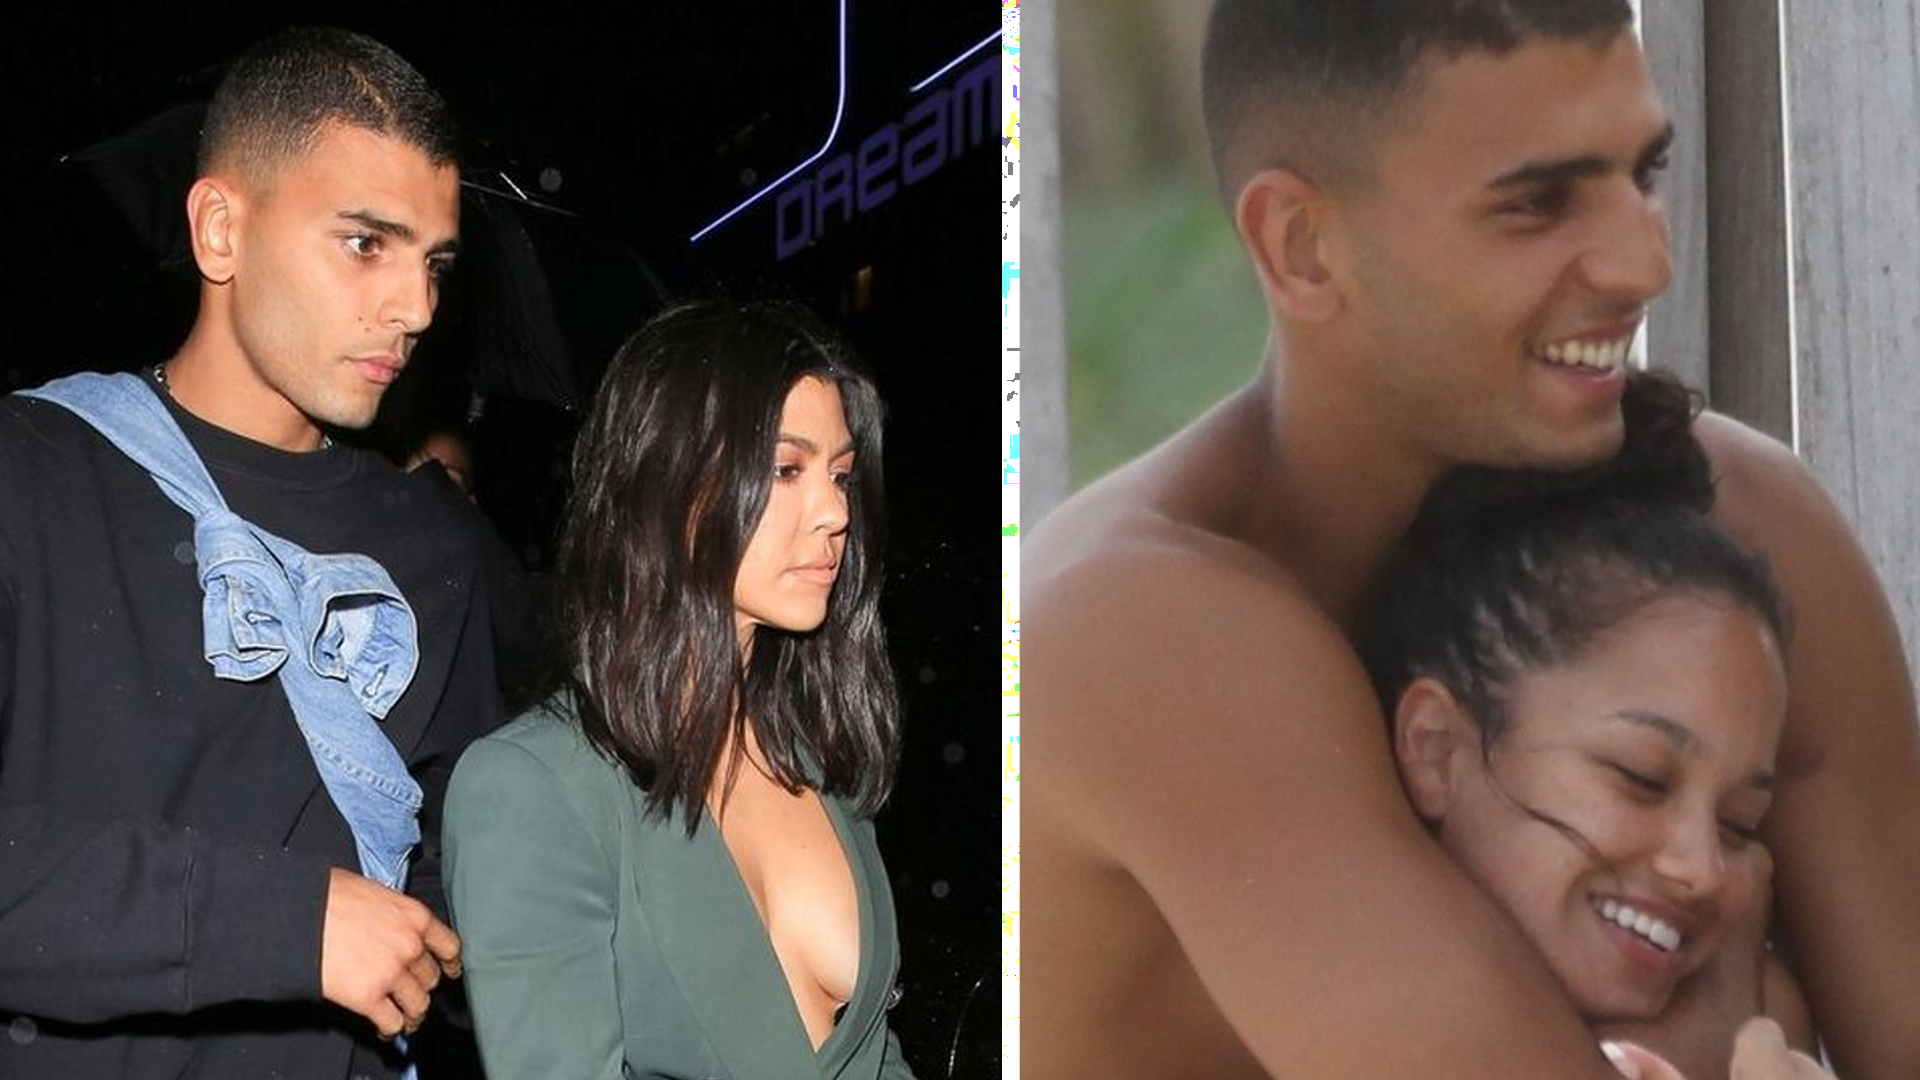 Były chłopak Kourtney Kardashian trafi za kratki?! Znamy szczegóły